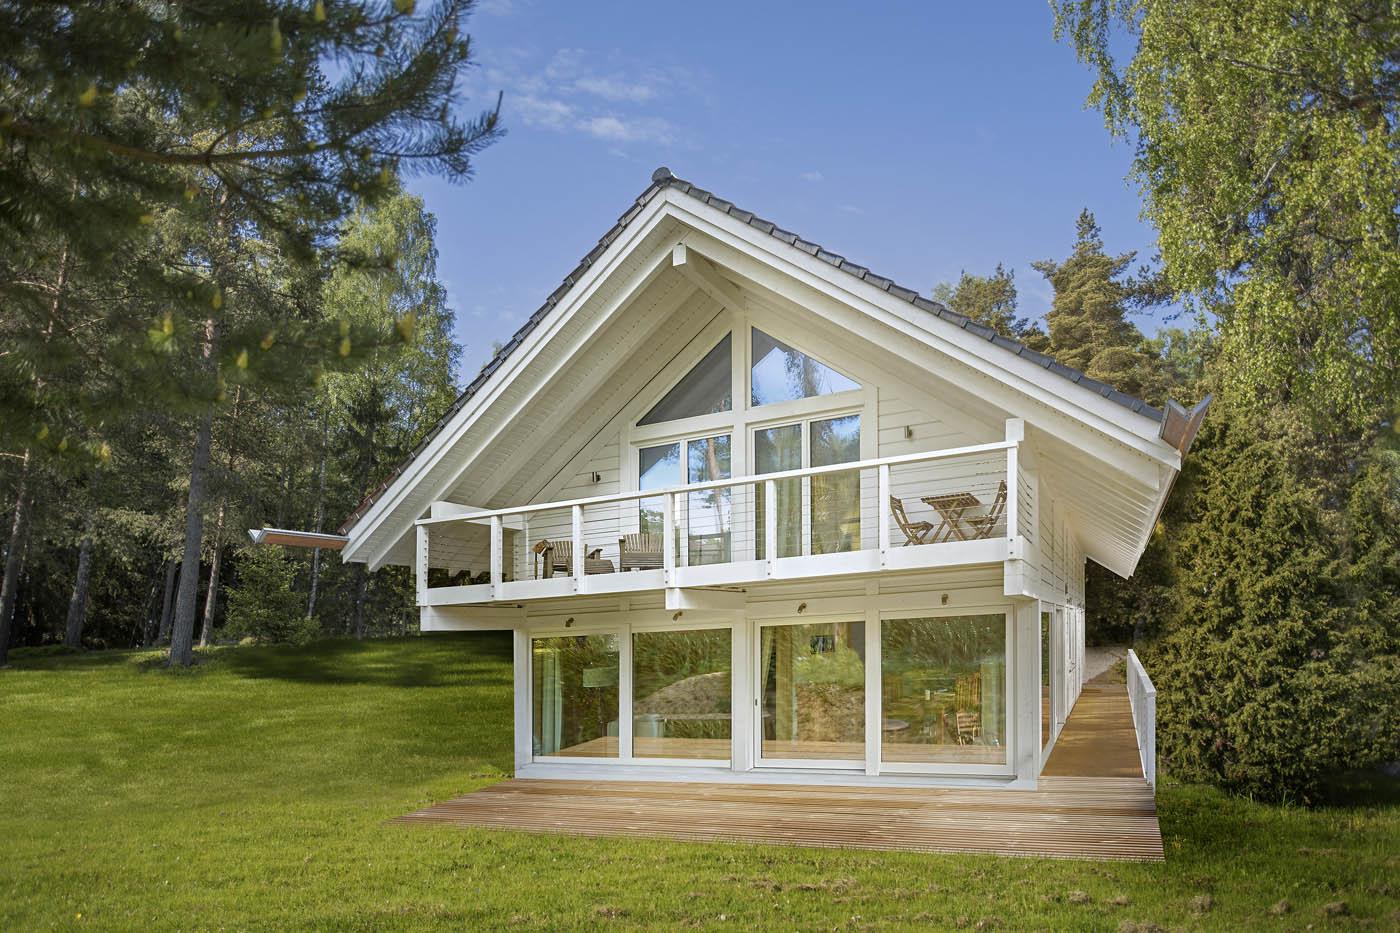 Maison scandinave en bois ventana blog for Maison scandinave bois